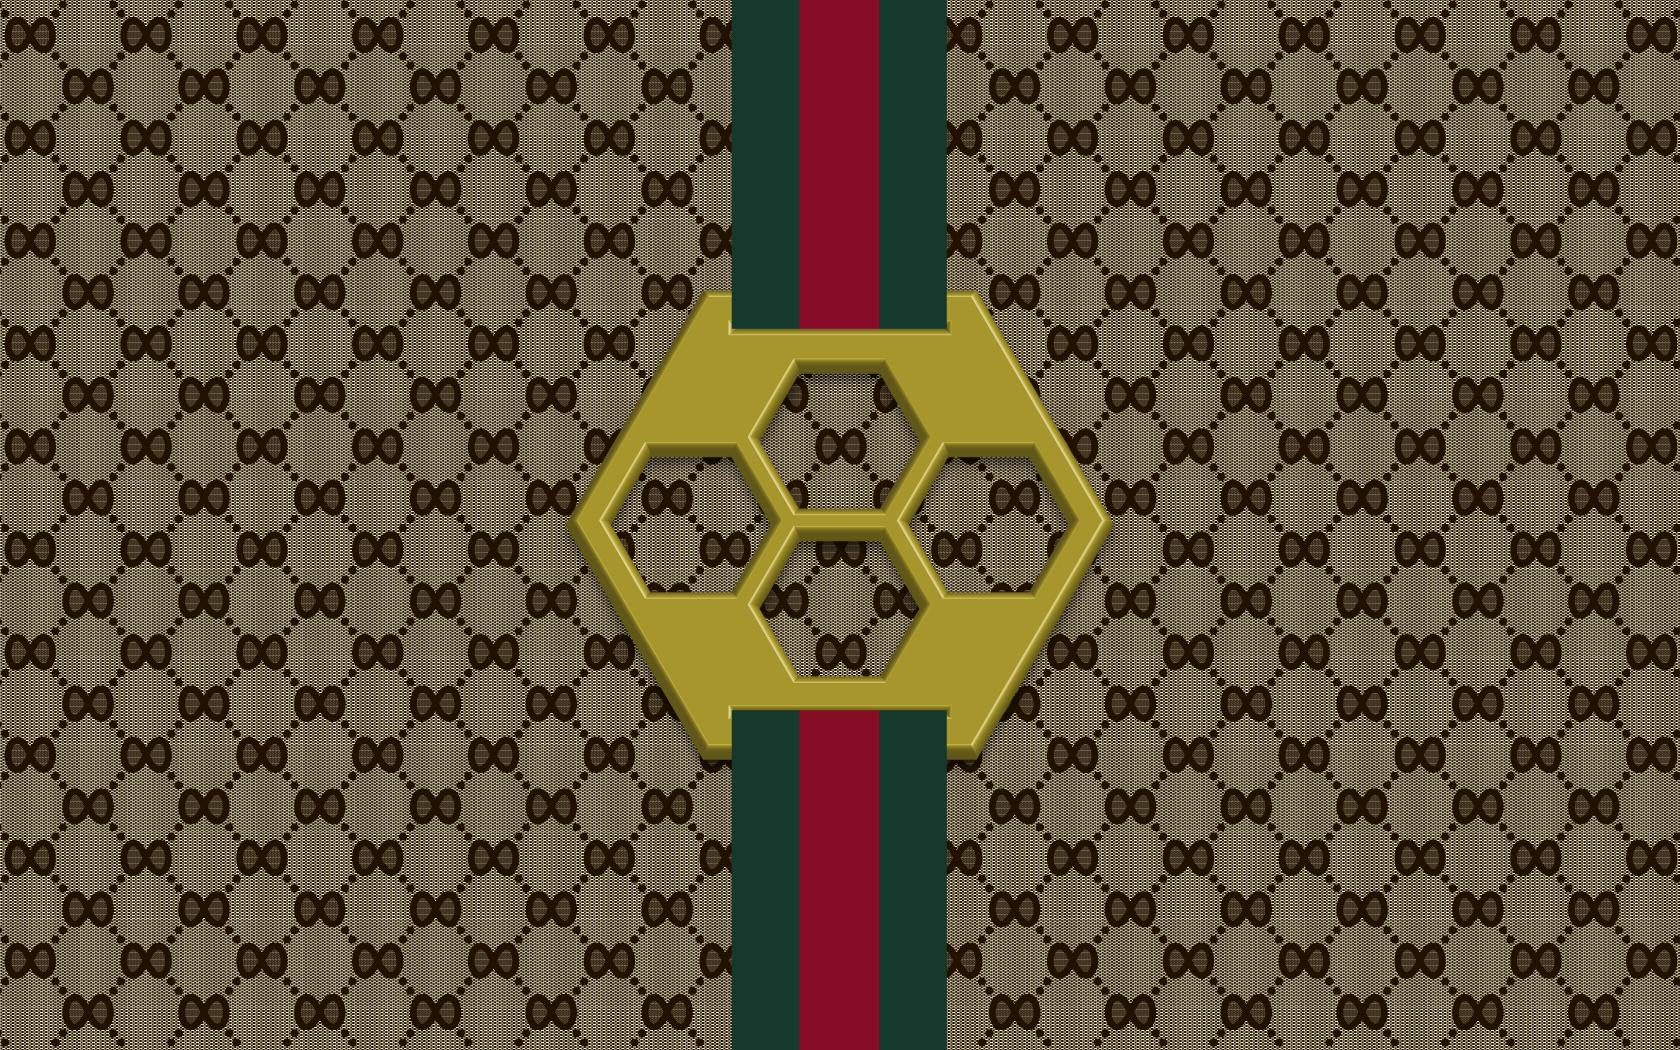 Gucci wallpaper hd wallpapersafari for Fond ecran gucci